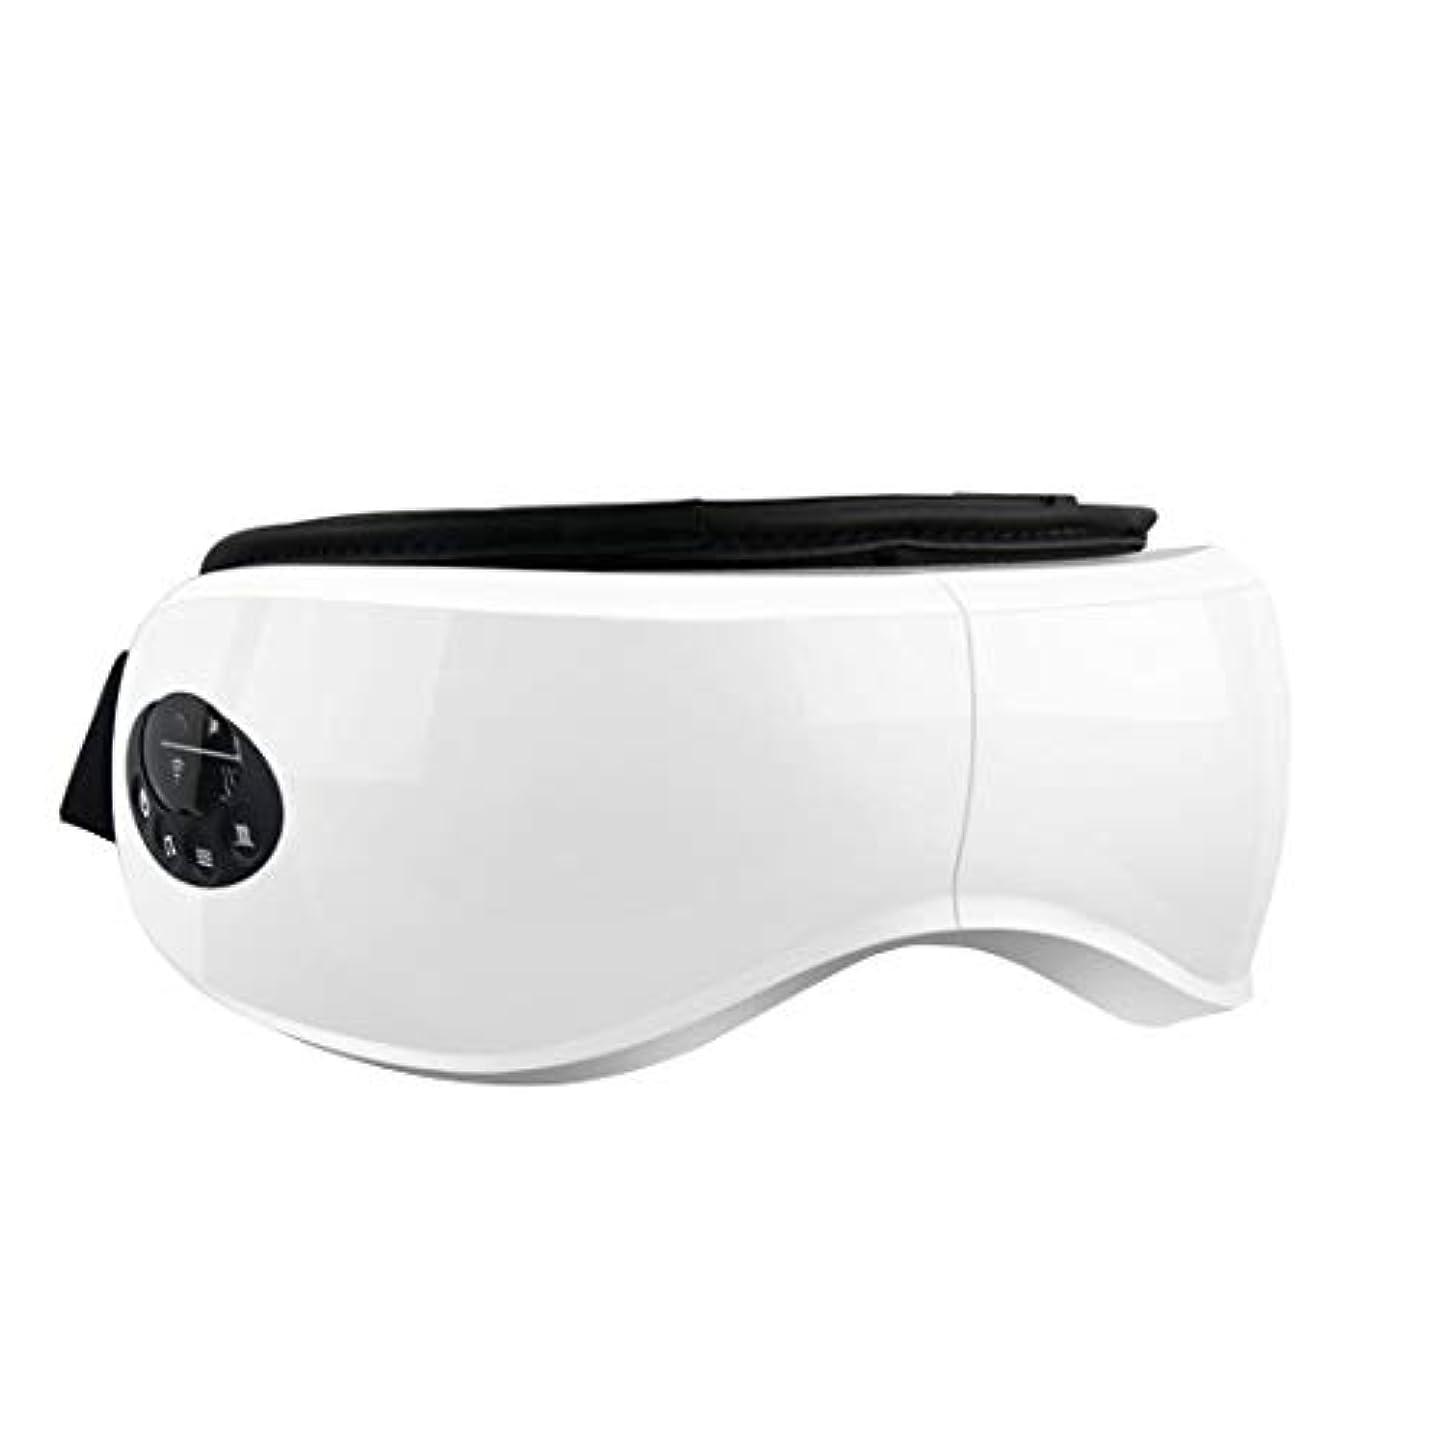 余裕がある元気な漂流方朝日スポーツ用品店 空気圧振動を伴う電気アイテンプルマッサージアイリラックス視力治療のための熱圧迫ストレス疲労